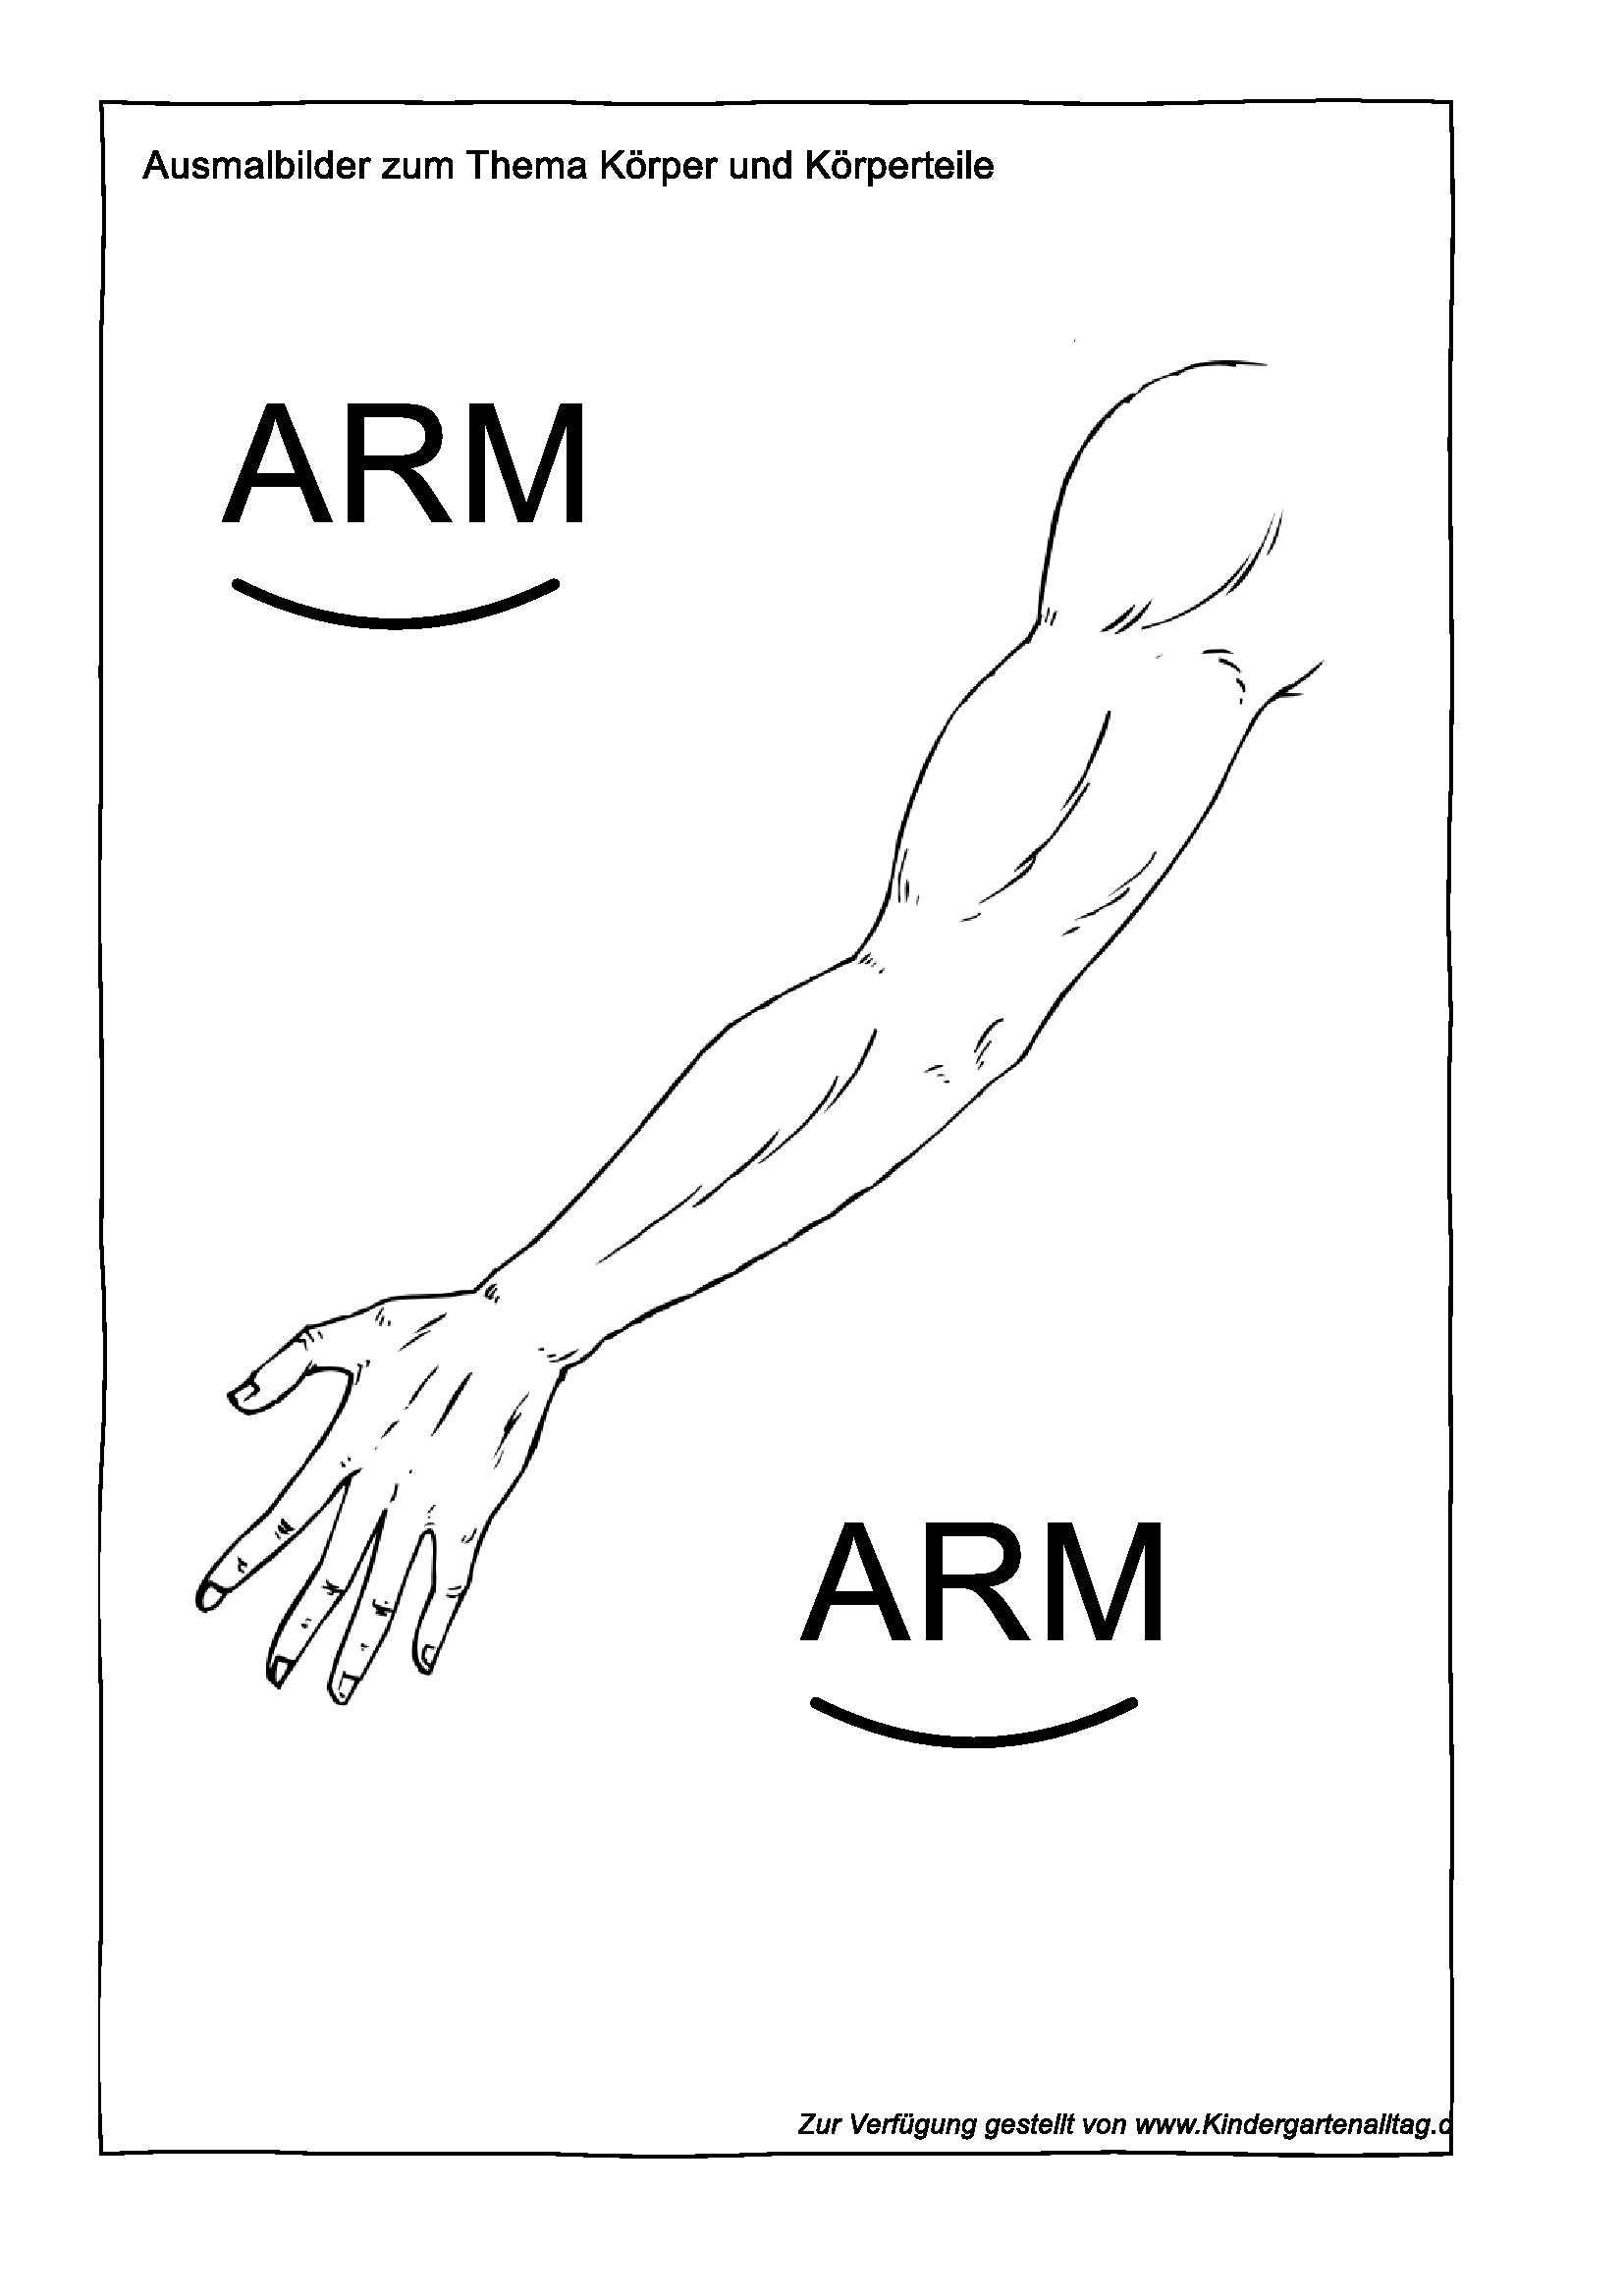 Ausmalbilder zum Thema Körper und Körperteile_1   Lernwerkstatt ...